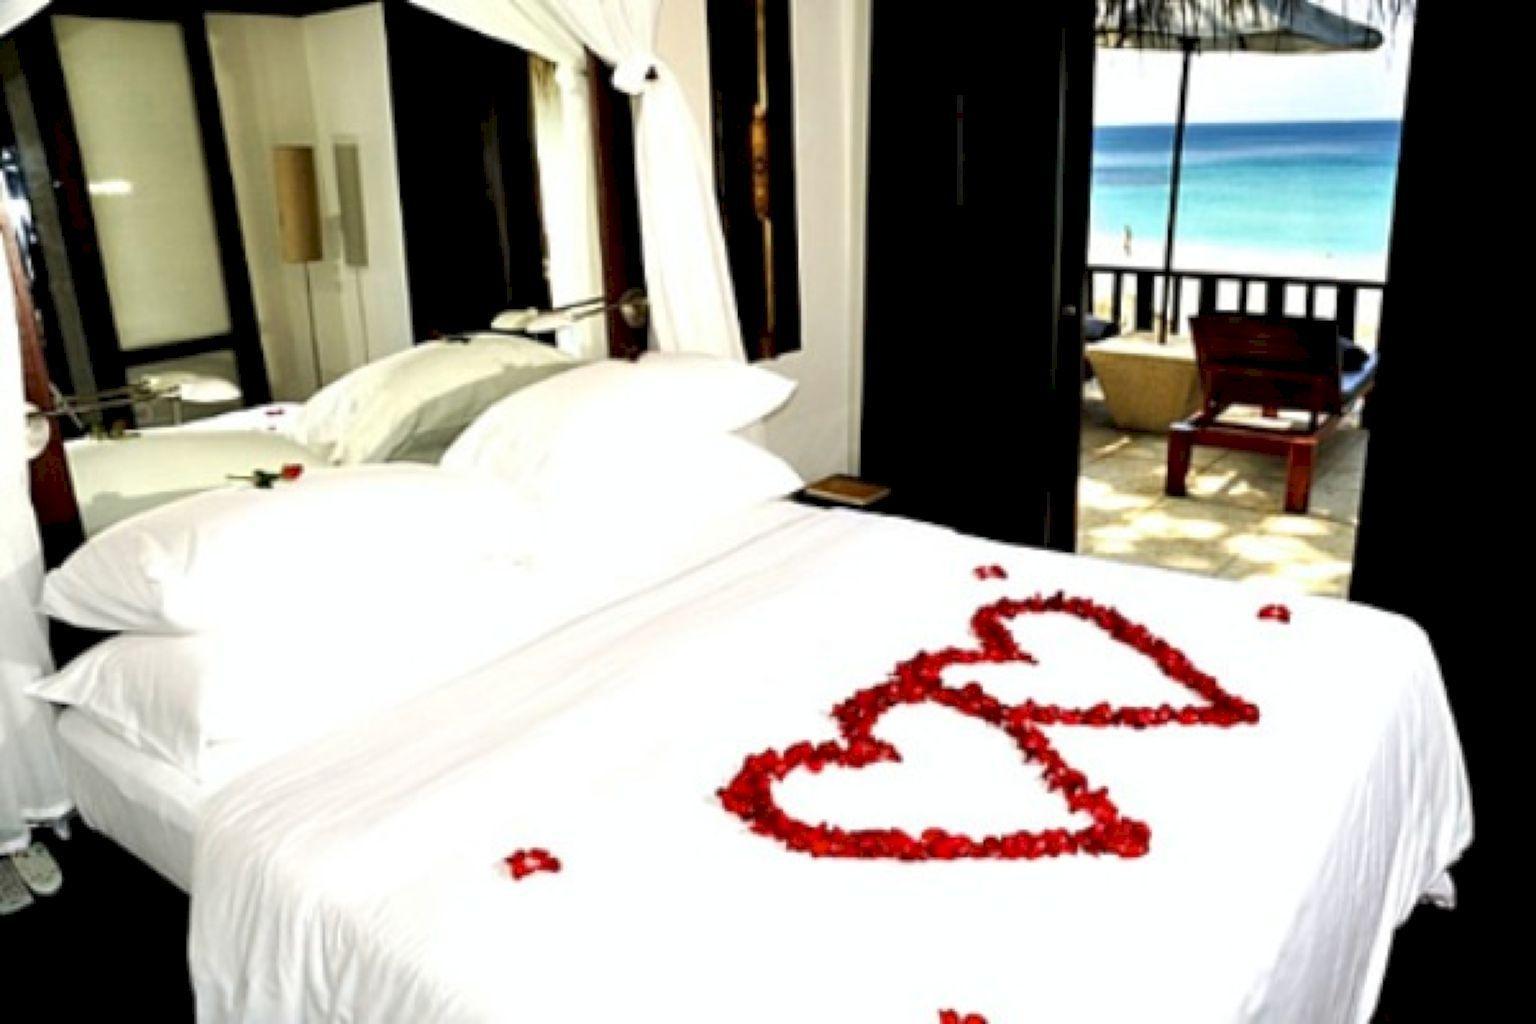 Master bedroom designs as per vastu   Romantic Bedroom for Couple  Romantic Decor Ideas Bedroom